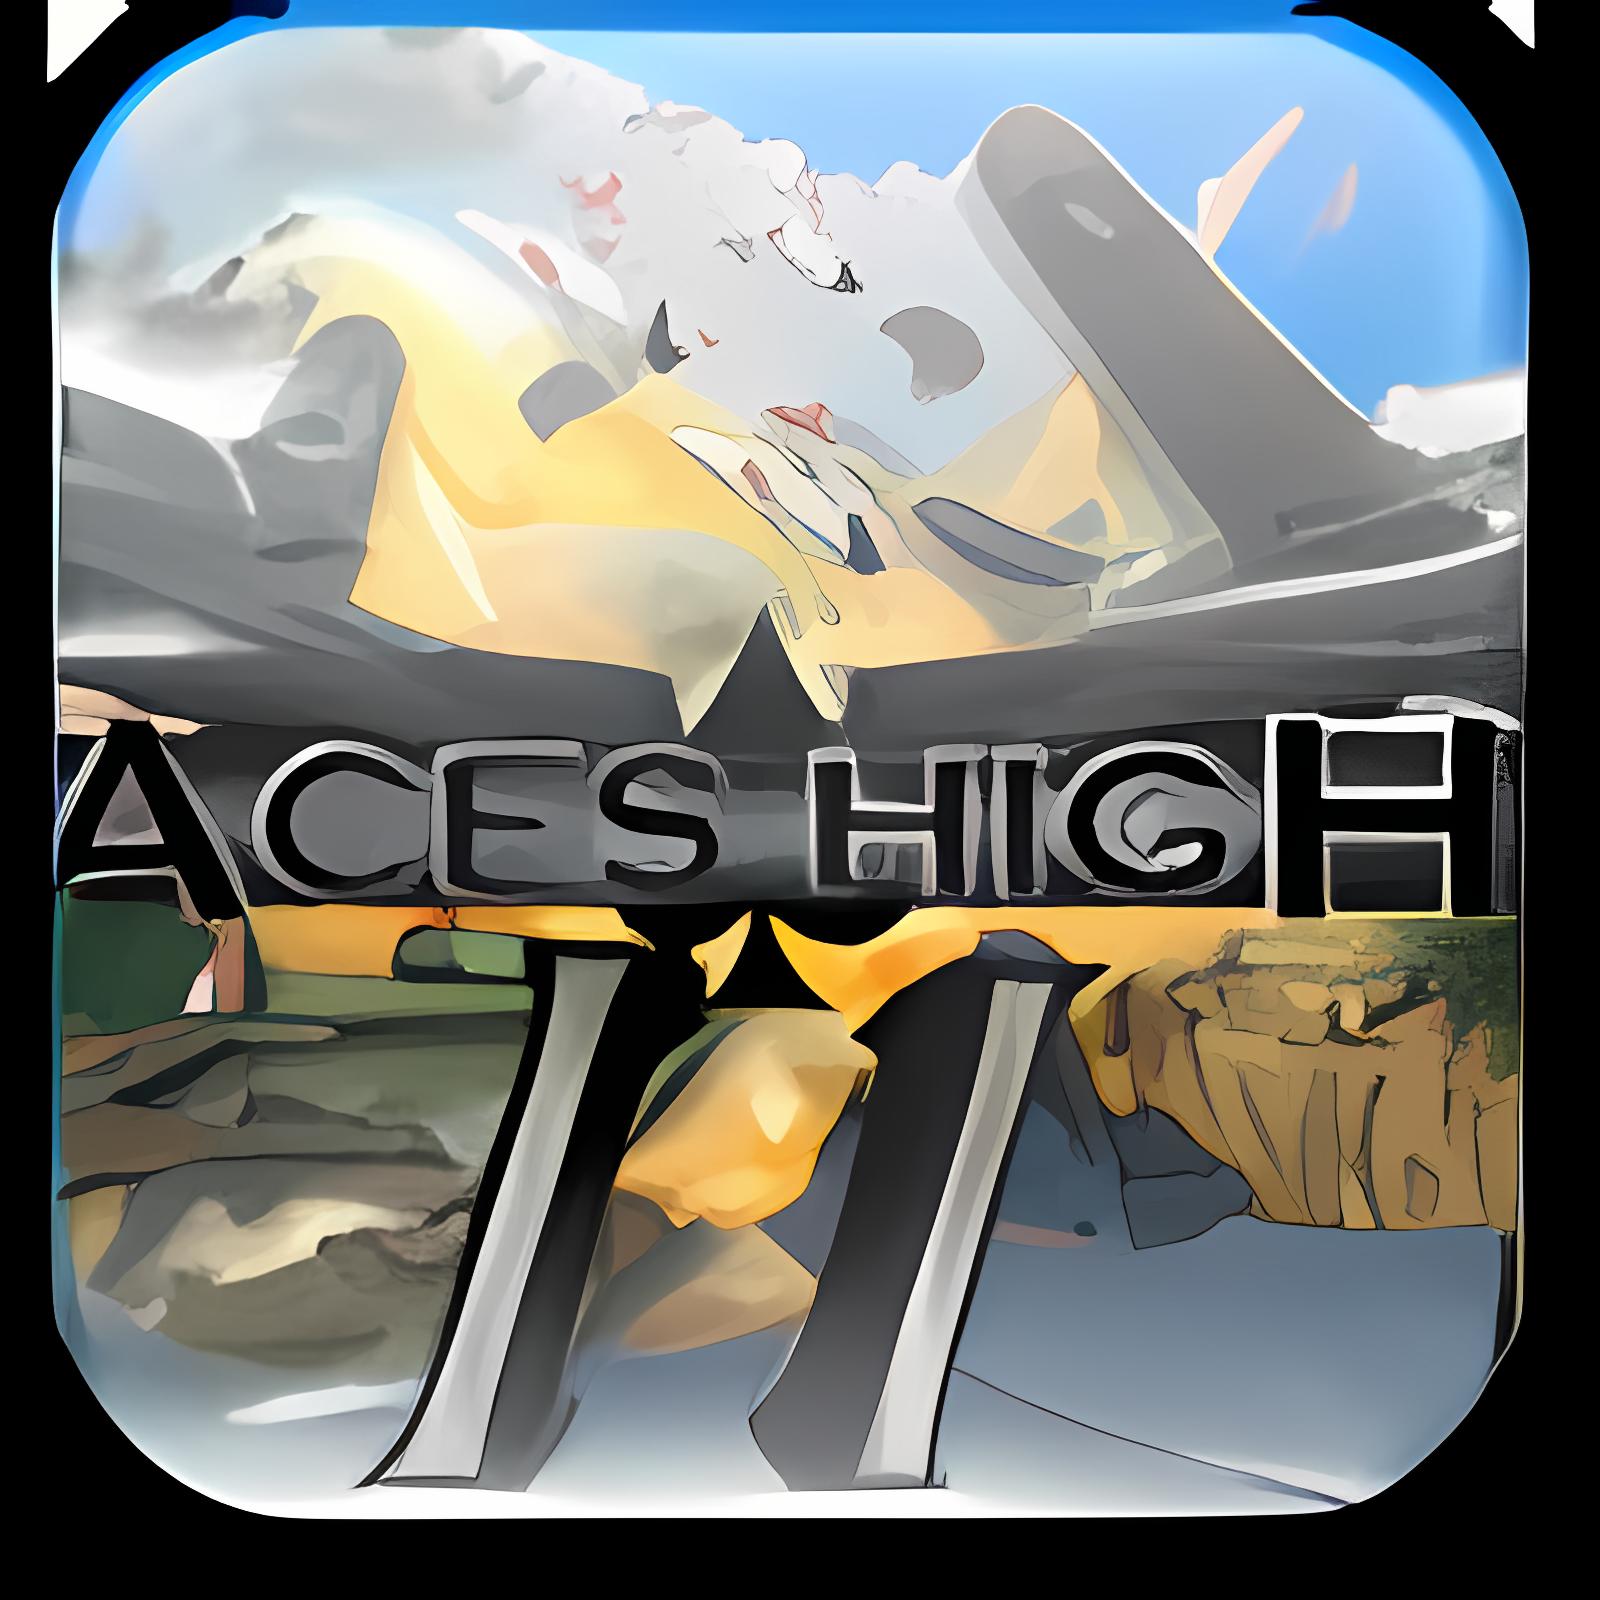 Aces High II